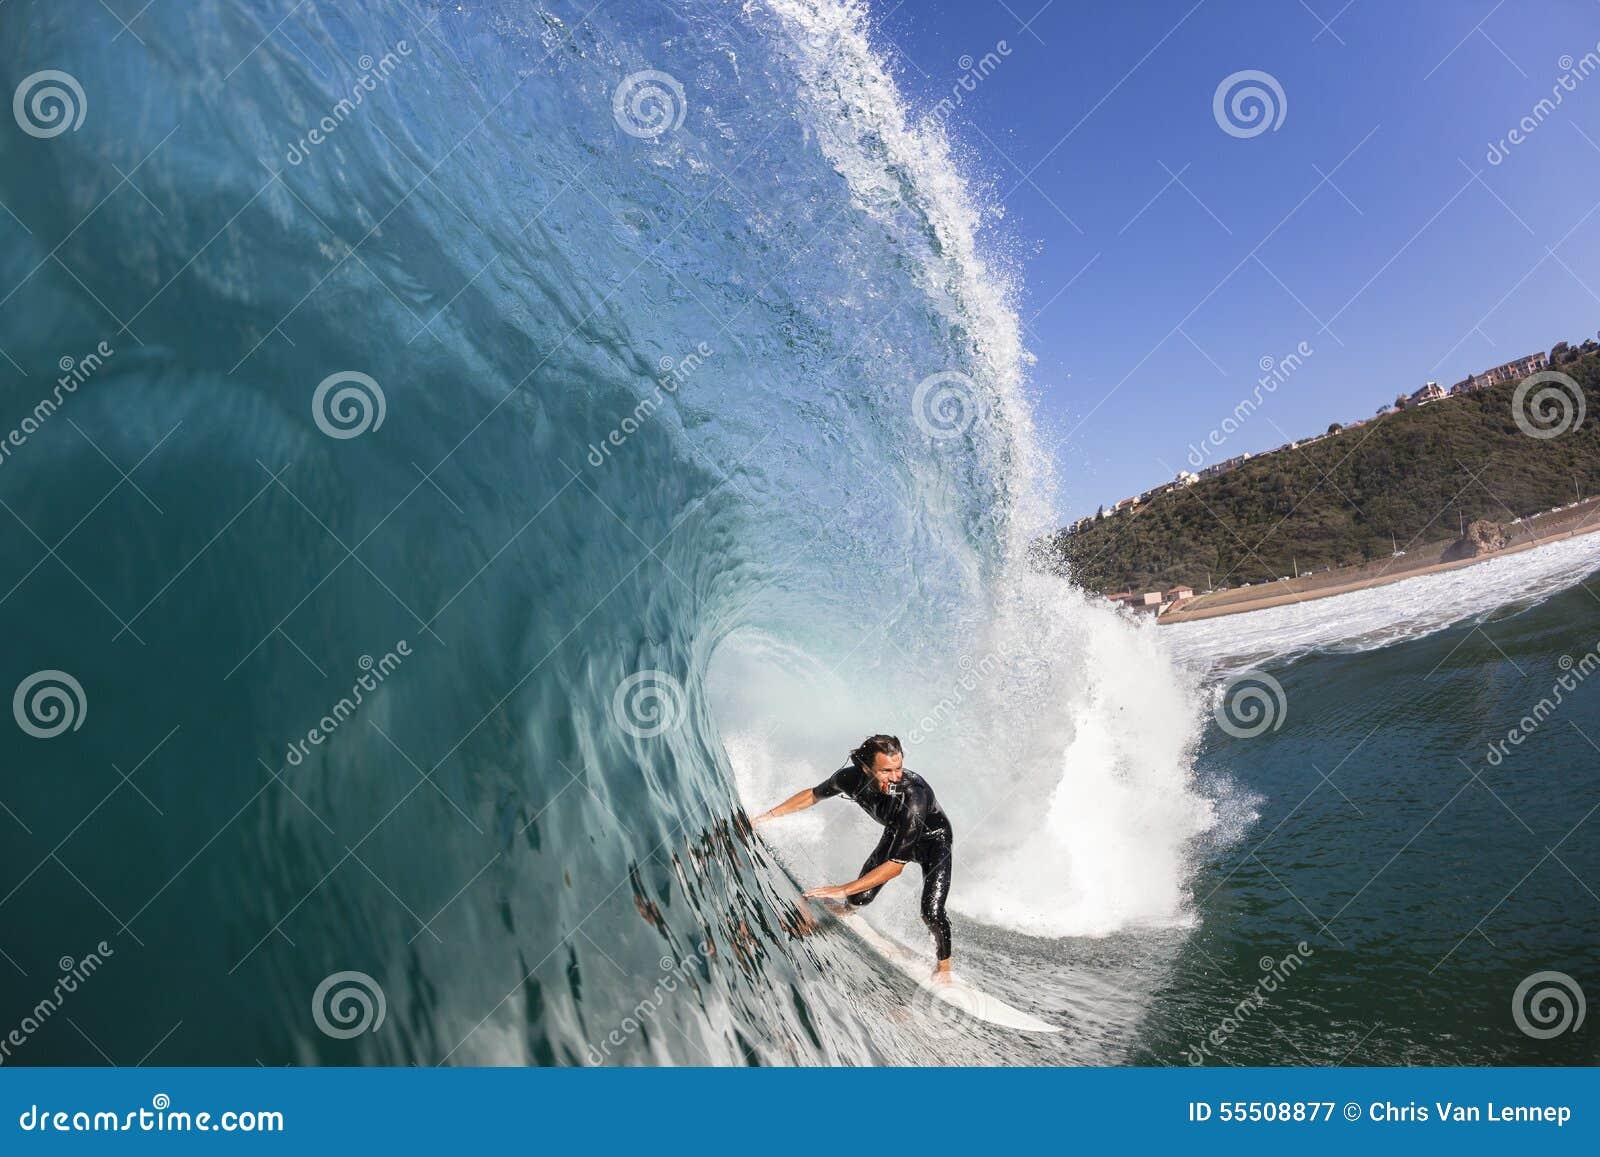 Surfer Surfing Inside Wave